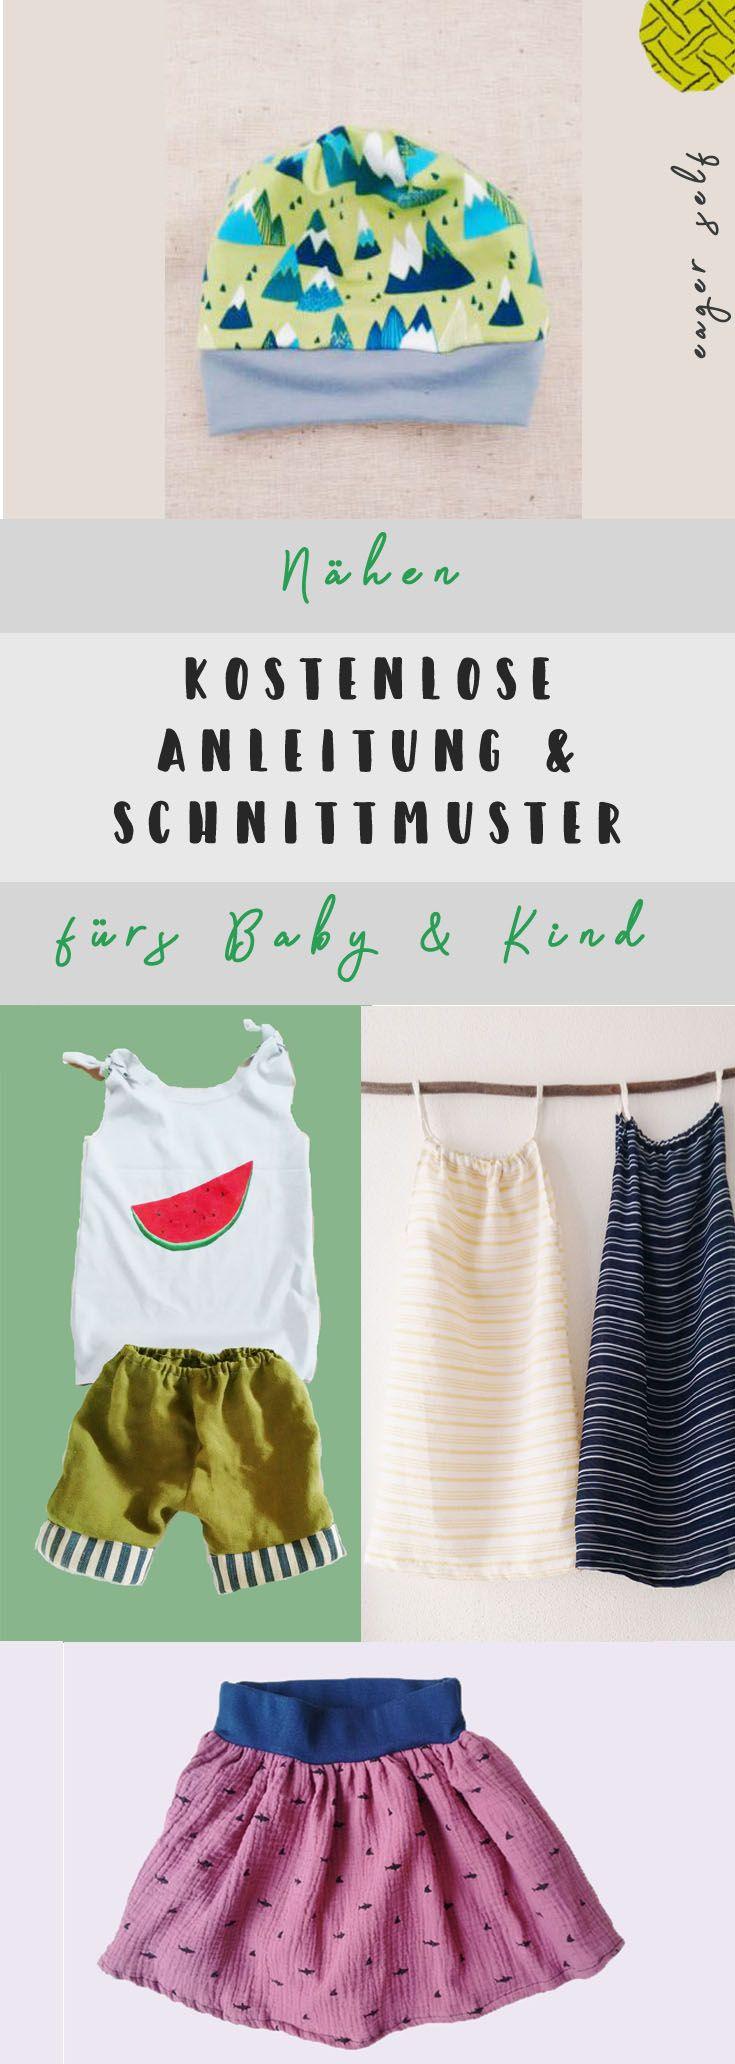 Nähen fürs Baby und Kinderkleidung nähen - Kostenlose Anleitungen ...